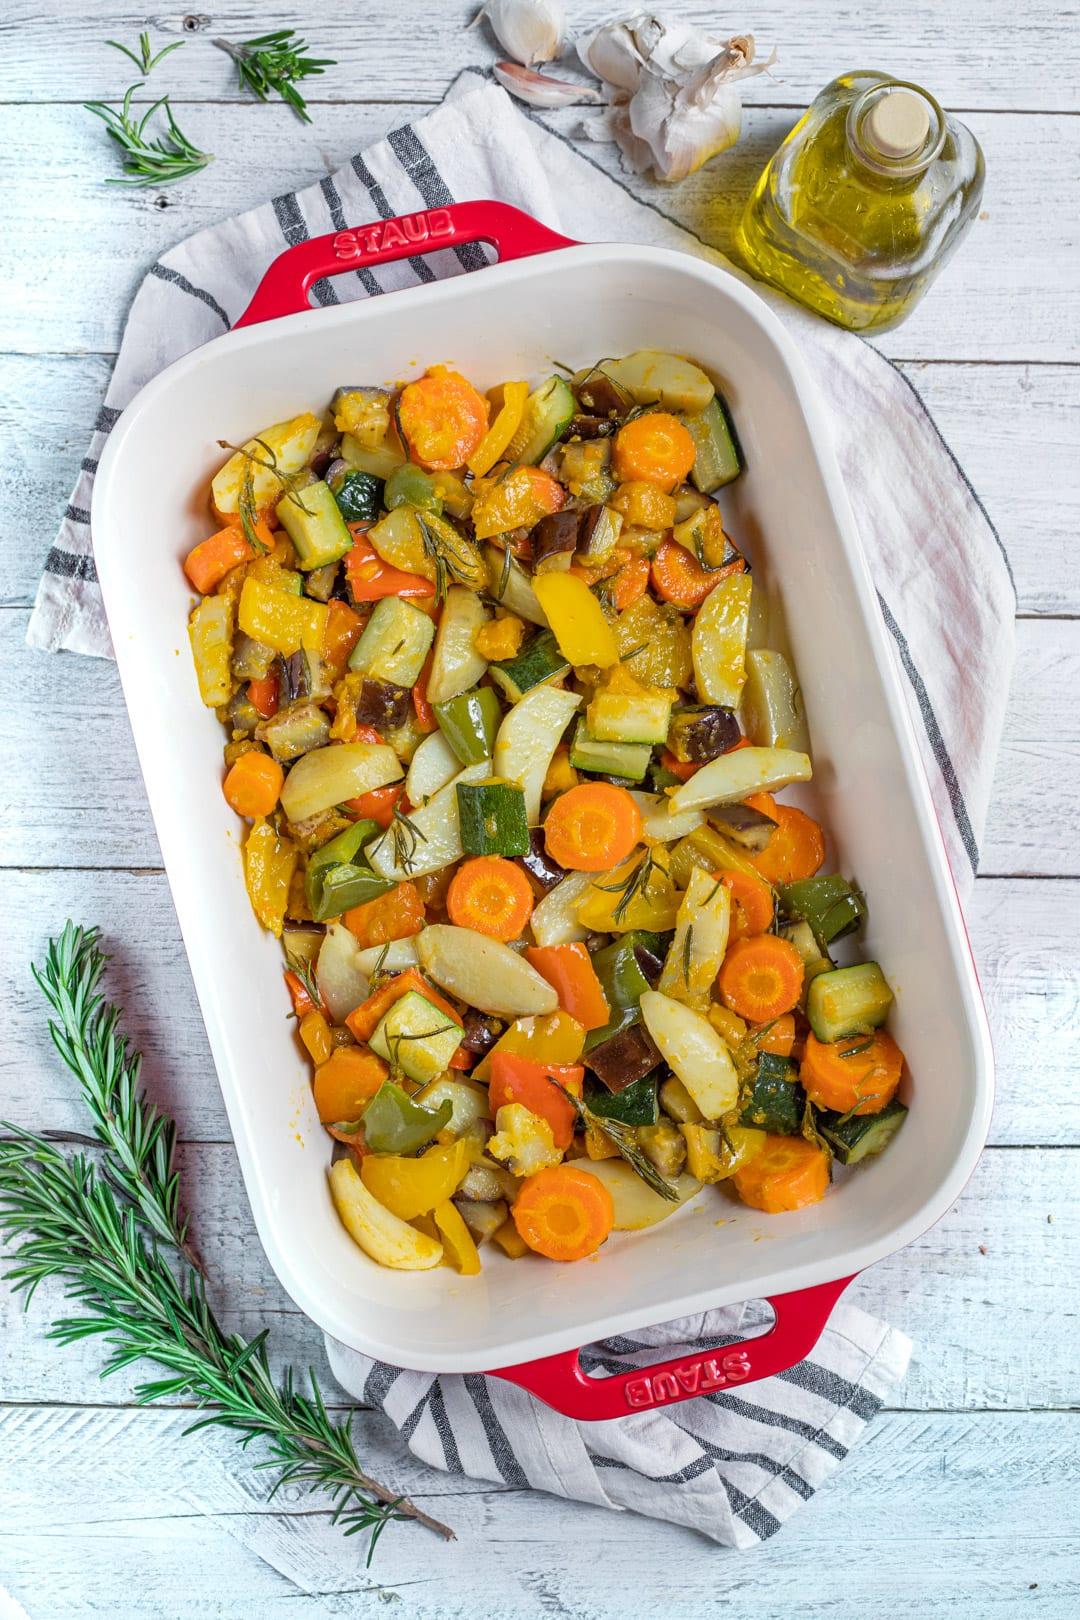 Verdure al forno nella teglia pronte per l'assaggio